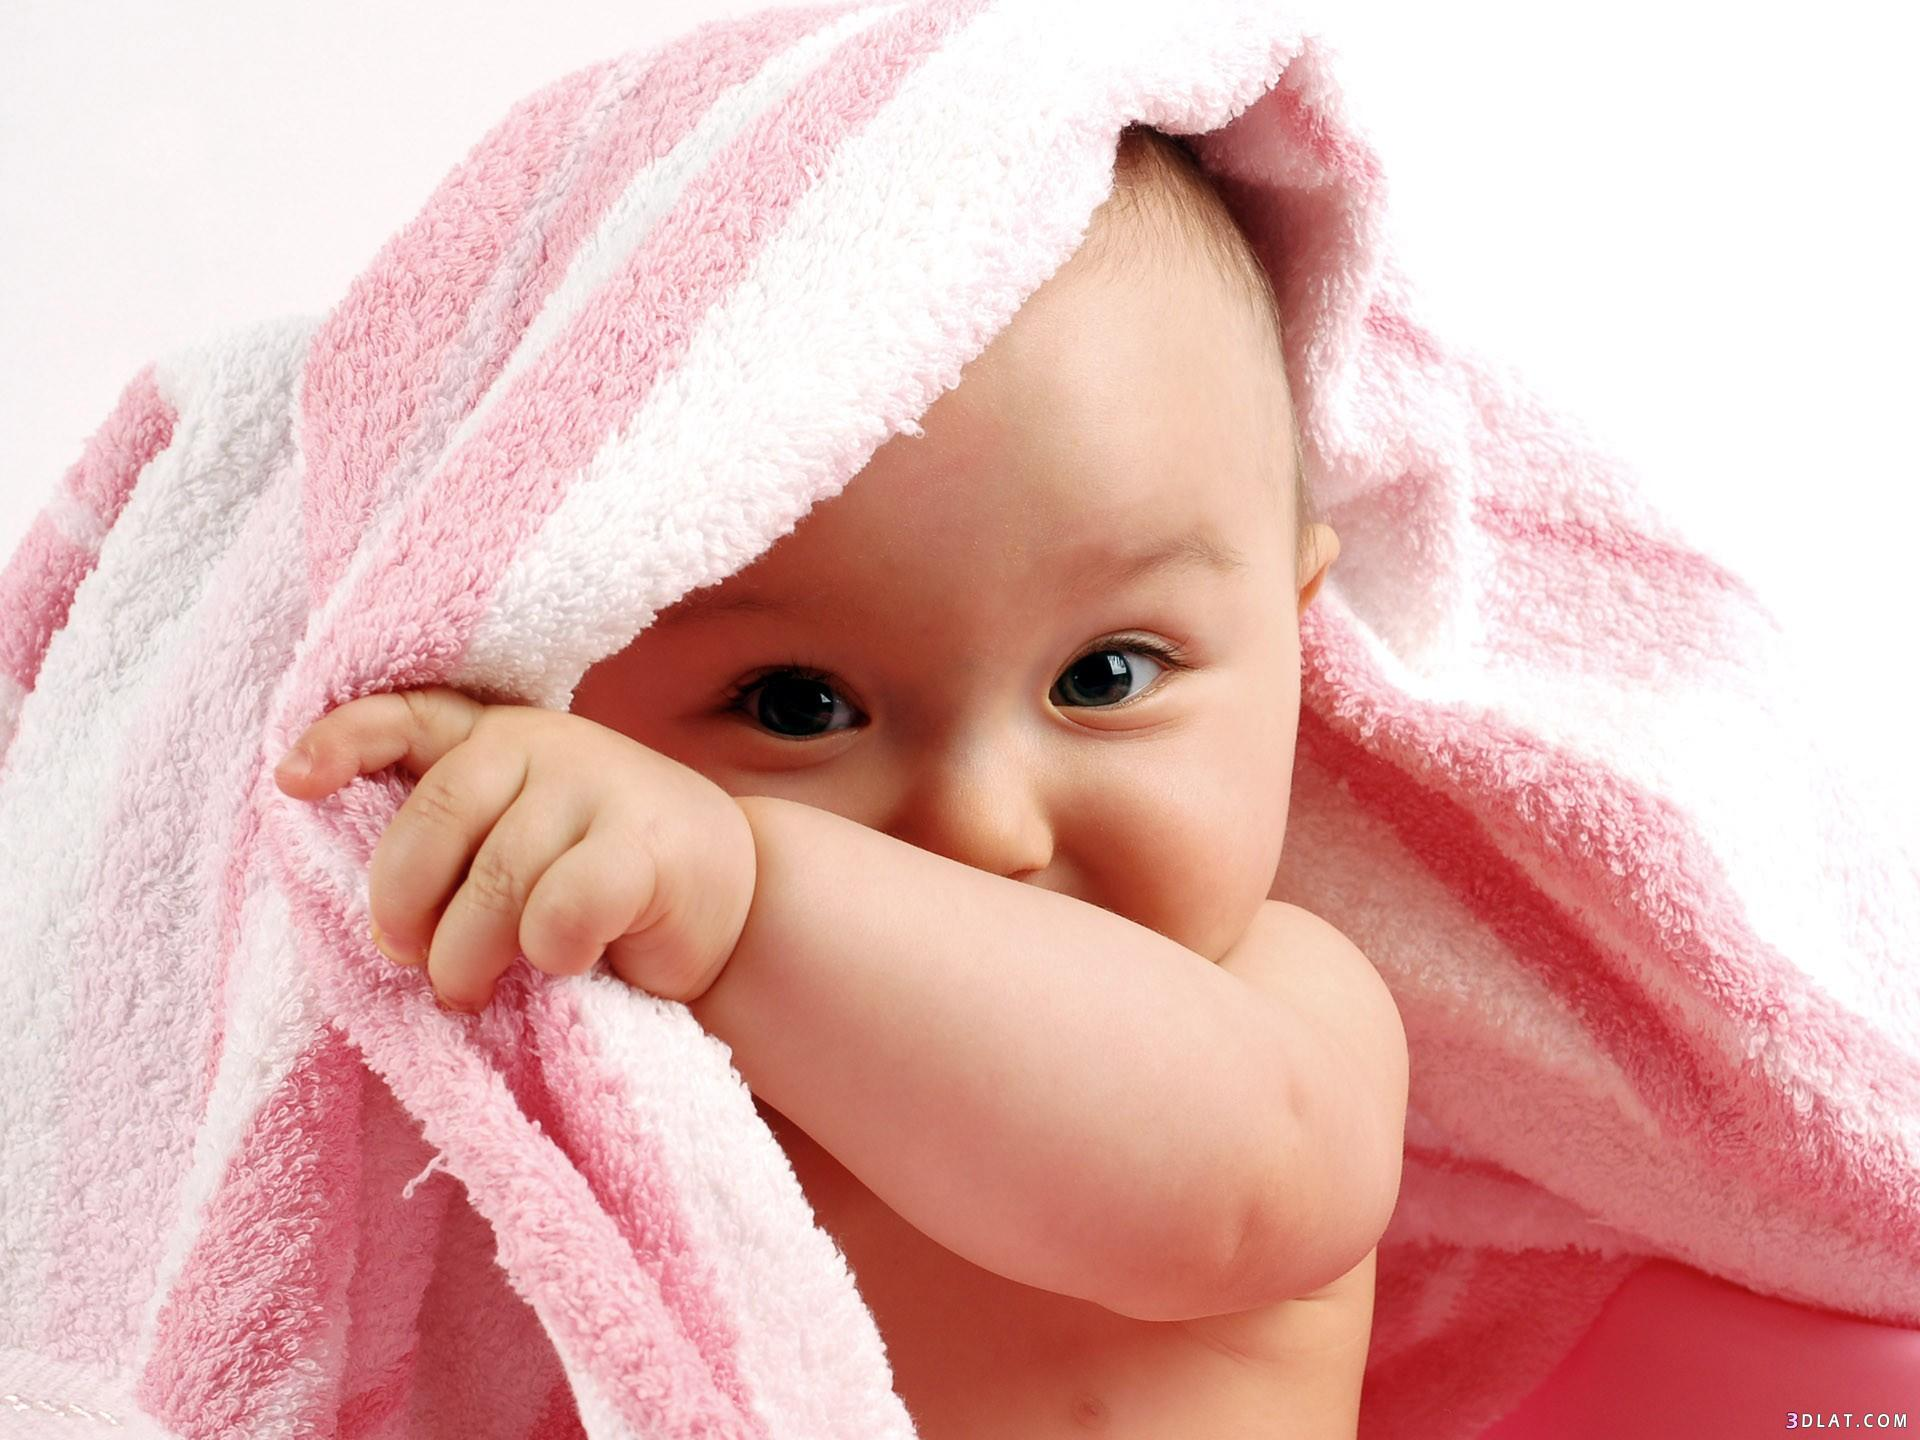 أطفال منتهي الجمال والبراءه ,صور اطفال 3dlat.com_17_18_7bd0